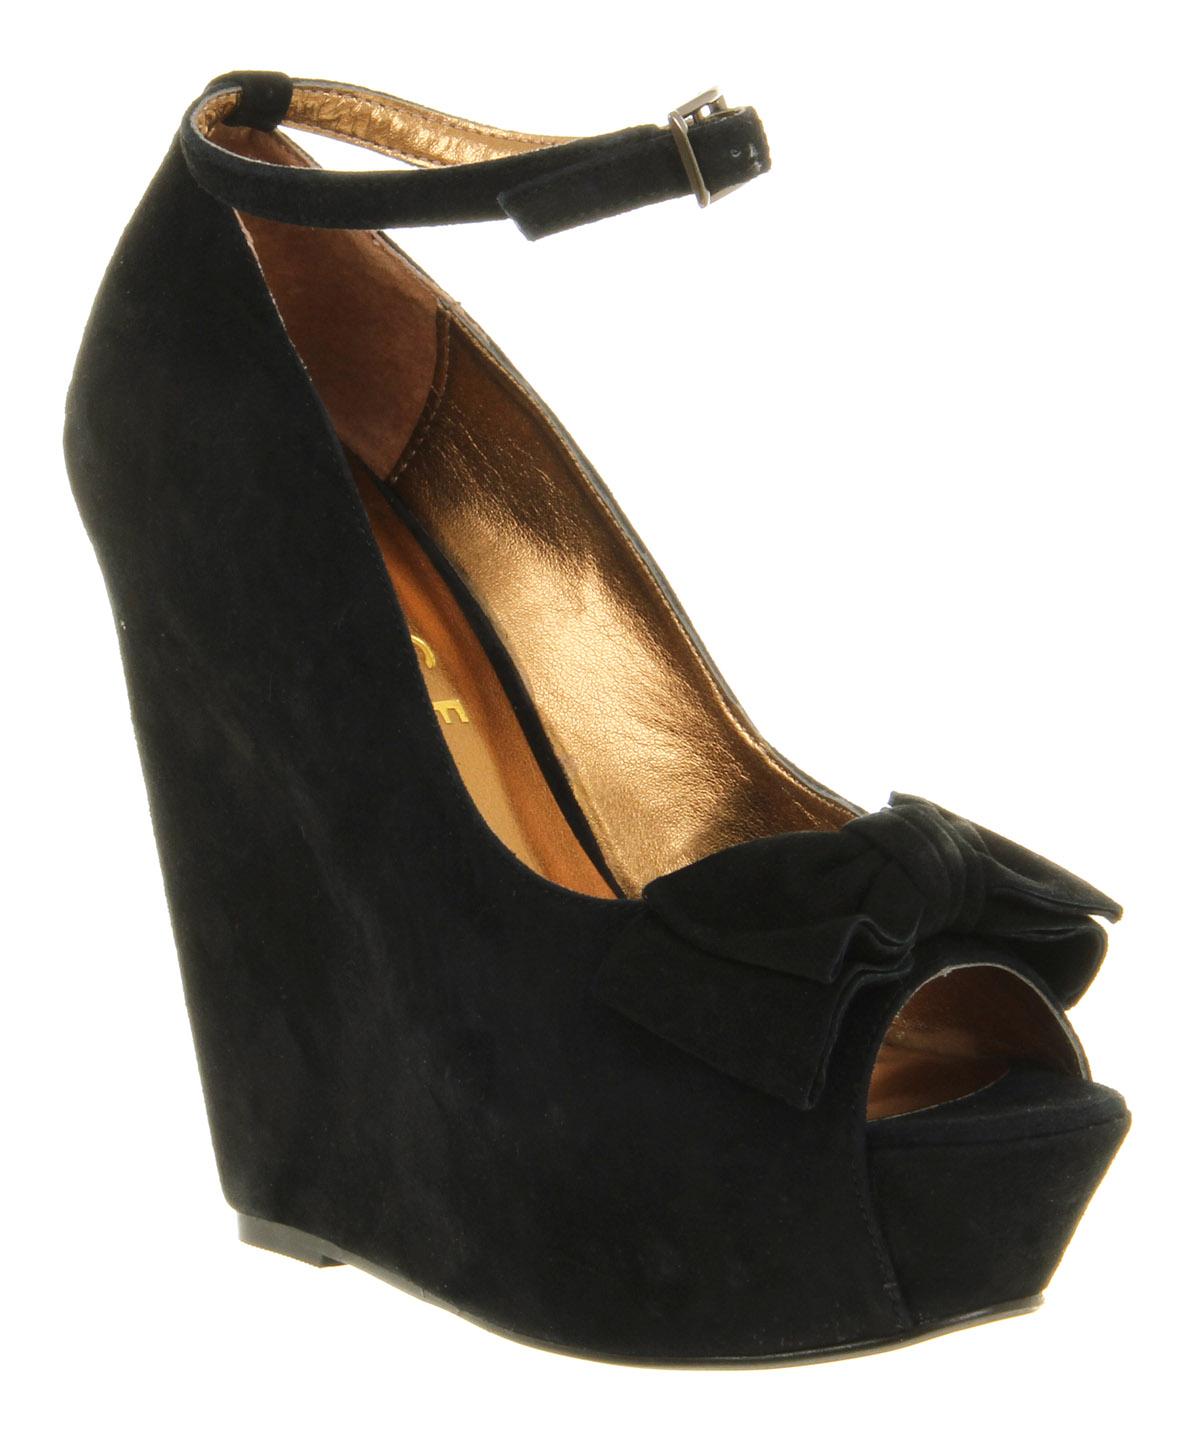 Womens-Office-Wonderland-Black-Suede-High-Heel-Wedge-Shoes